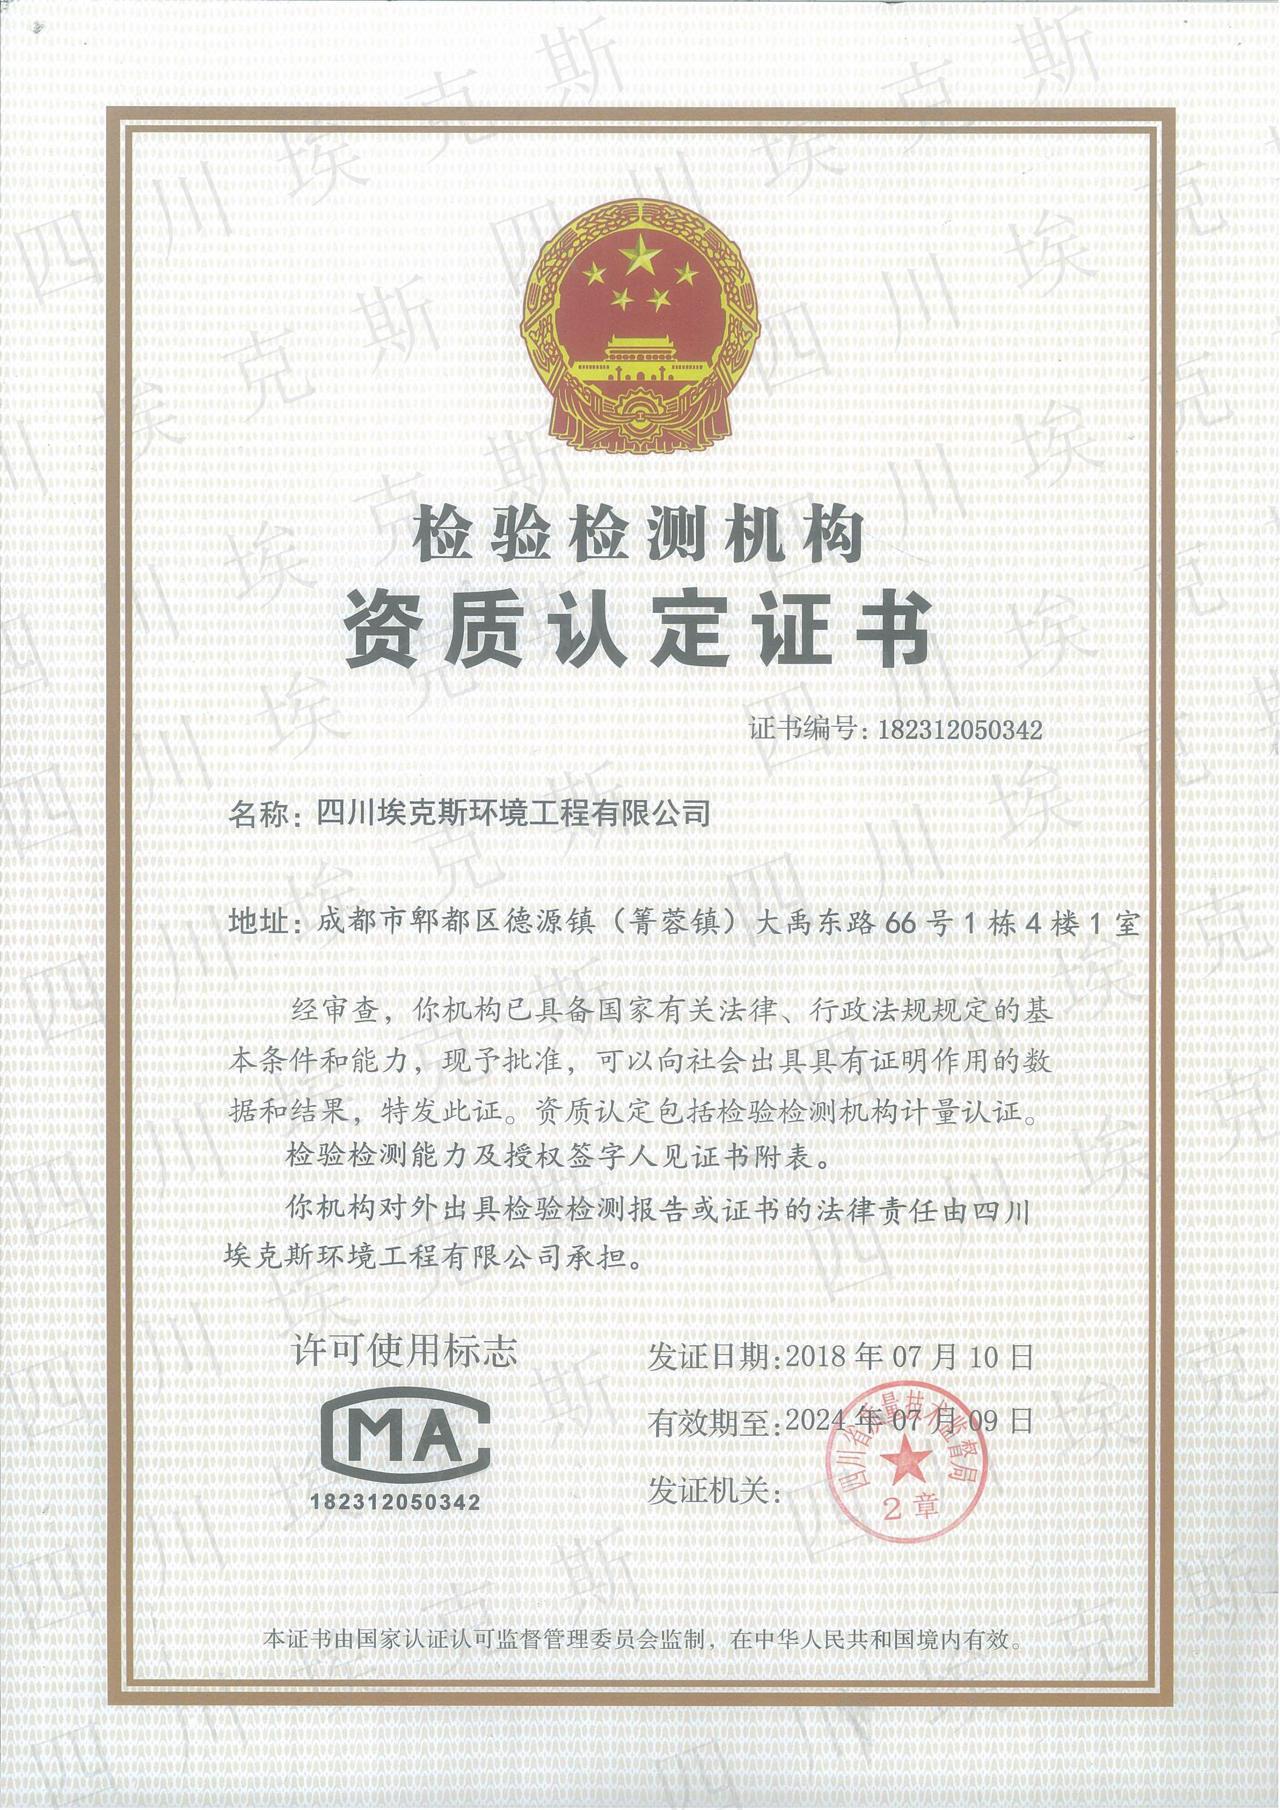 四川埃克斯环境工程有限公司CMA认证书